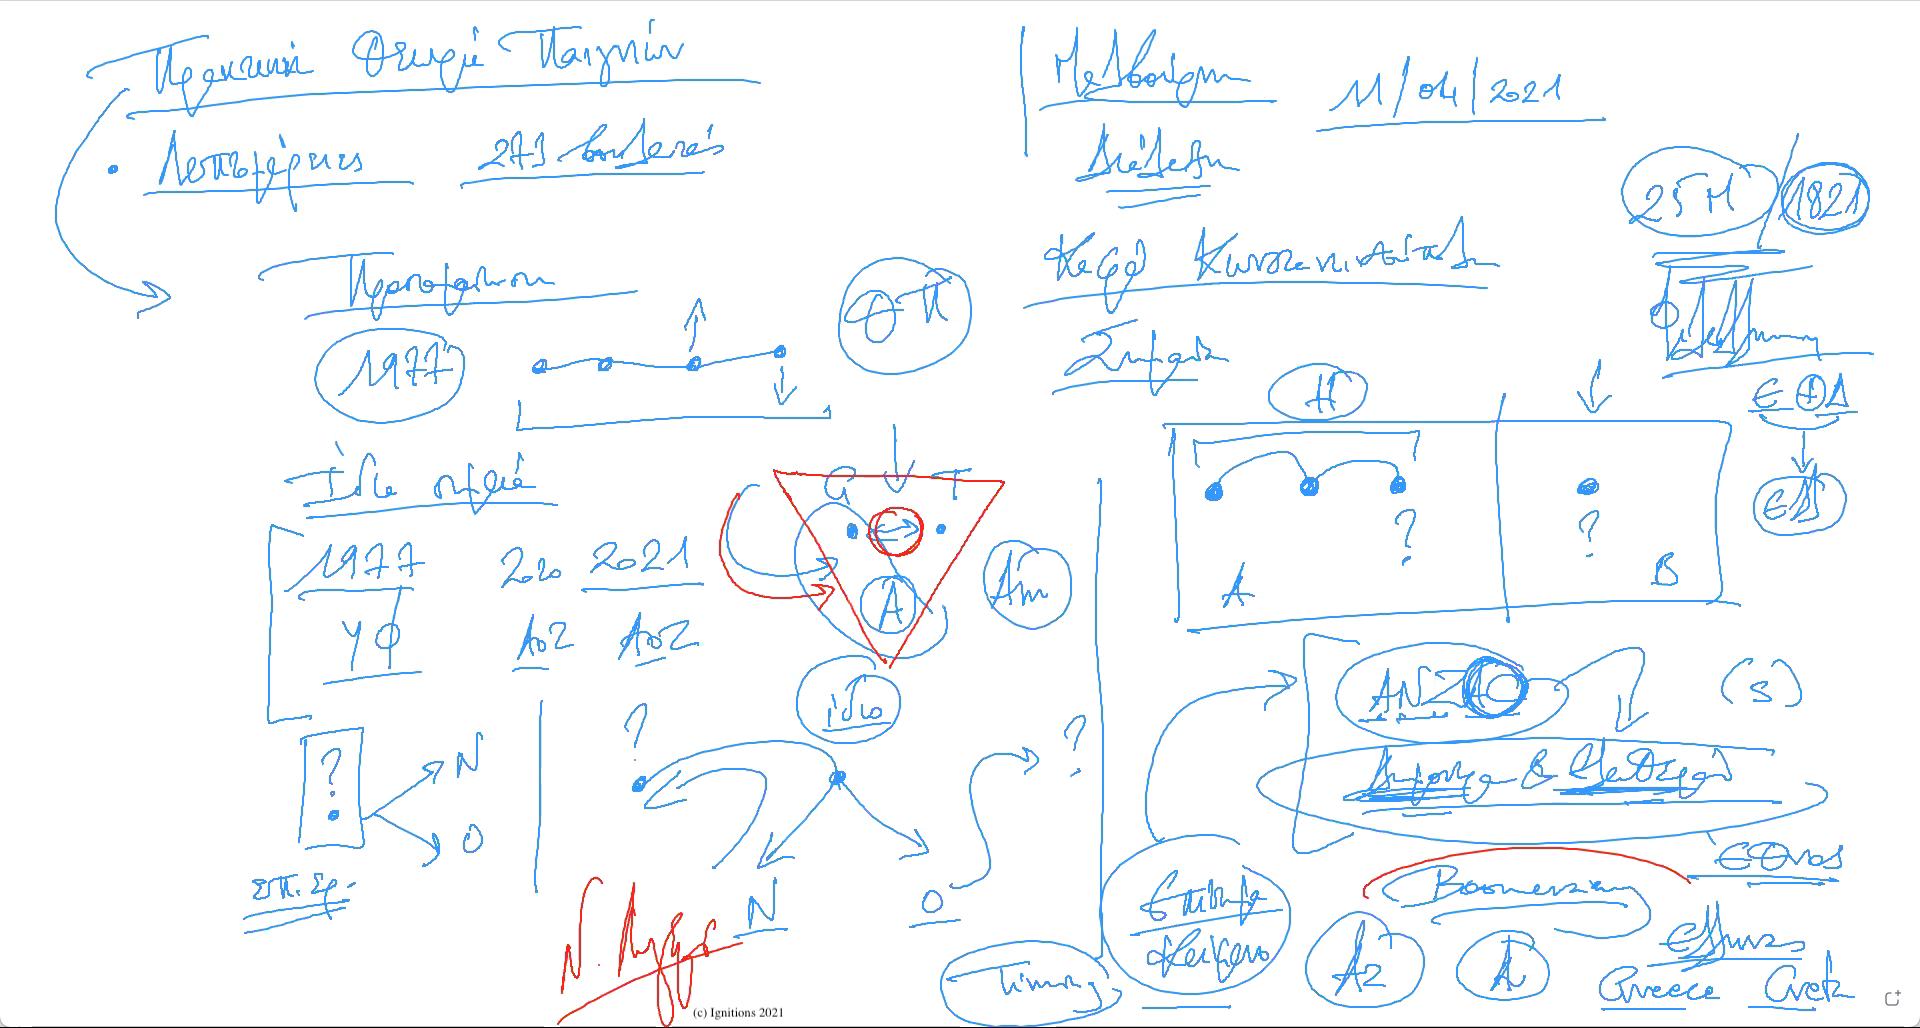 60037 - e-Μάθημα: Θετική δυναμική εφαρμοσμένης θεωρίας παιγνίων. (Dessin)